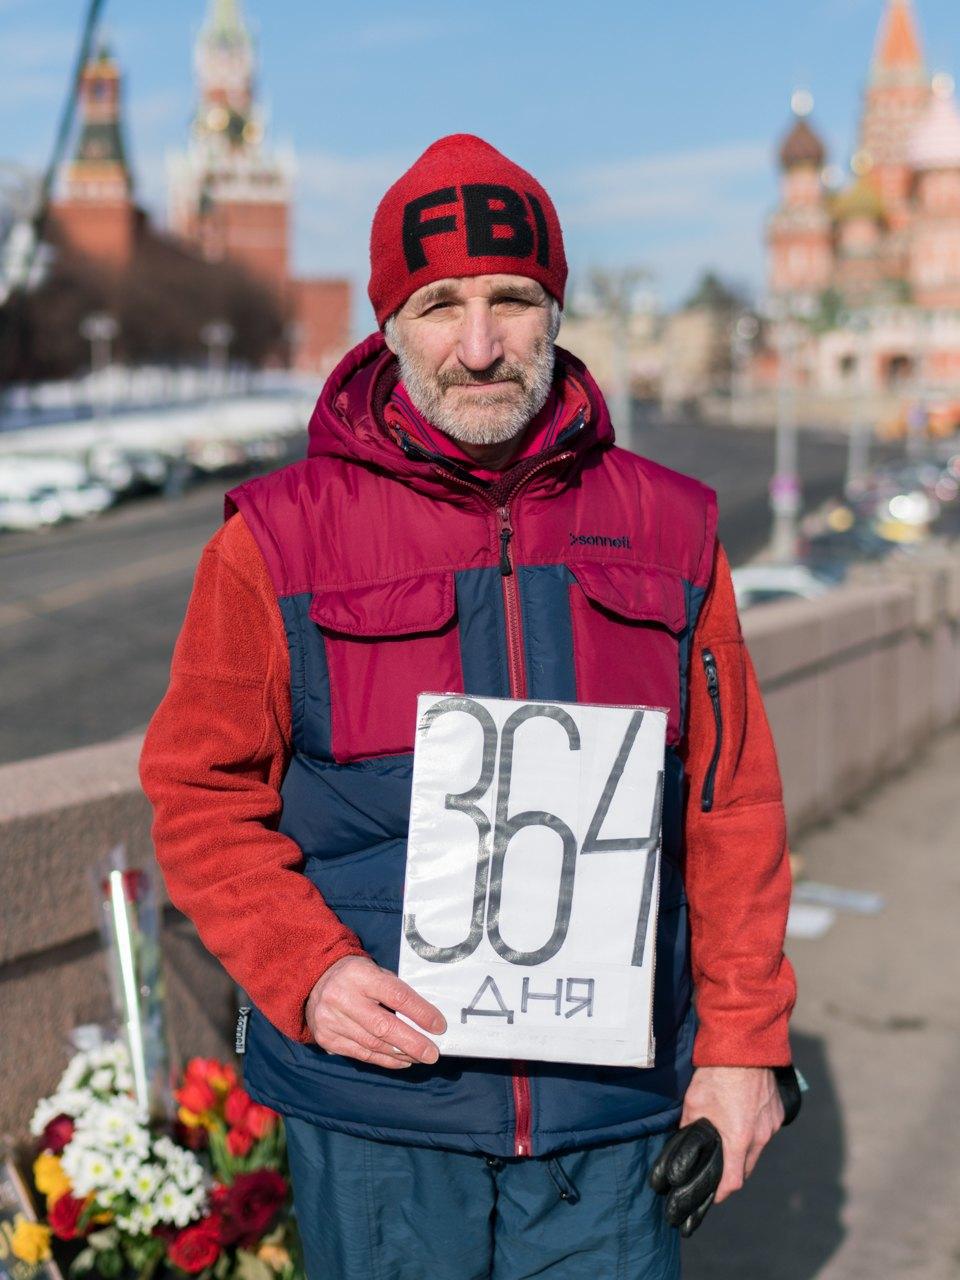 Защитники «Немцова моста» — освоих дежурствах, политике ичувстве долга. Изображение № 5.